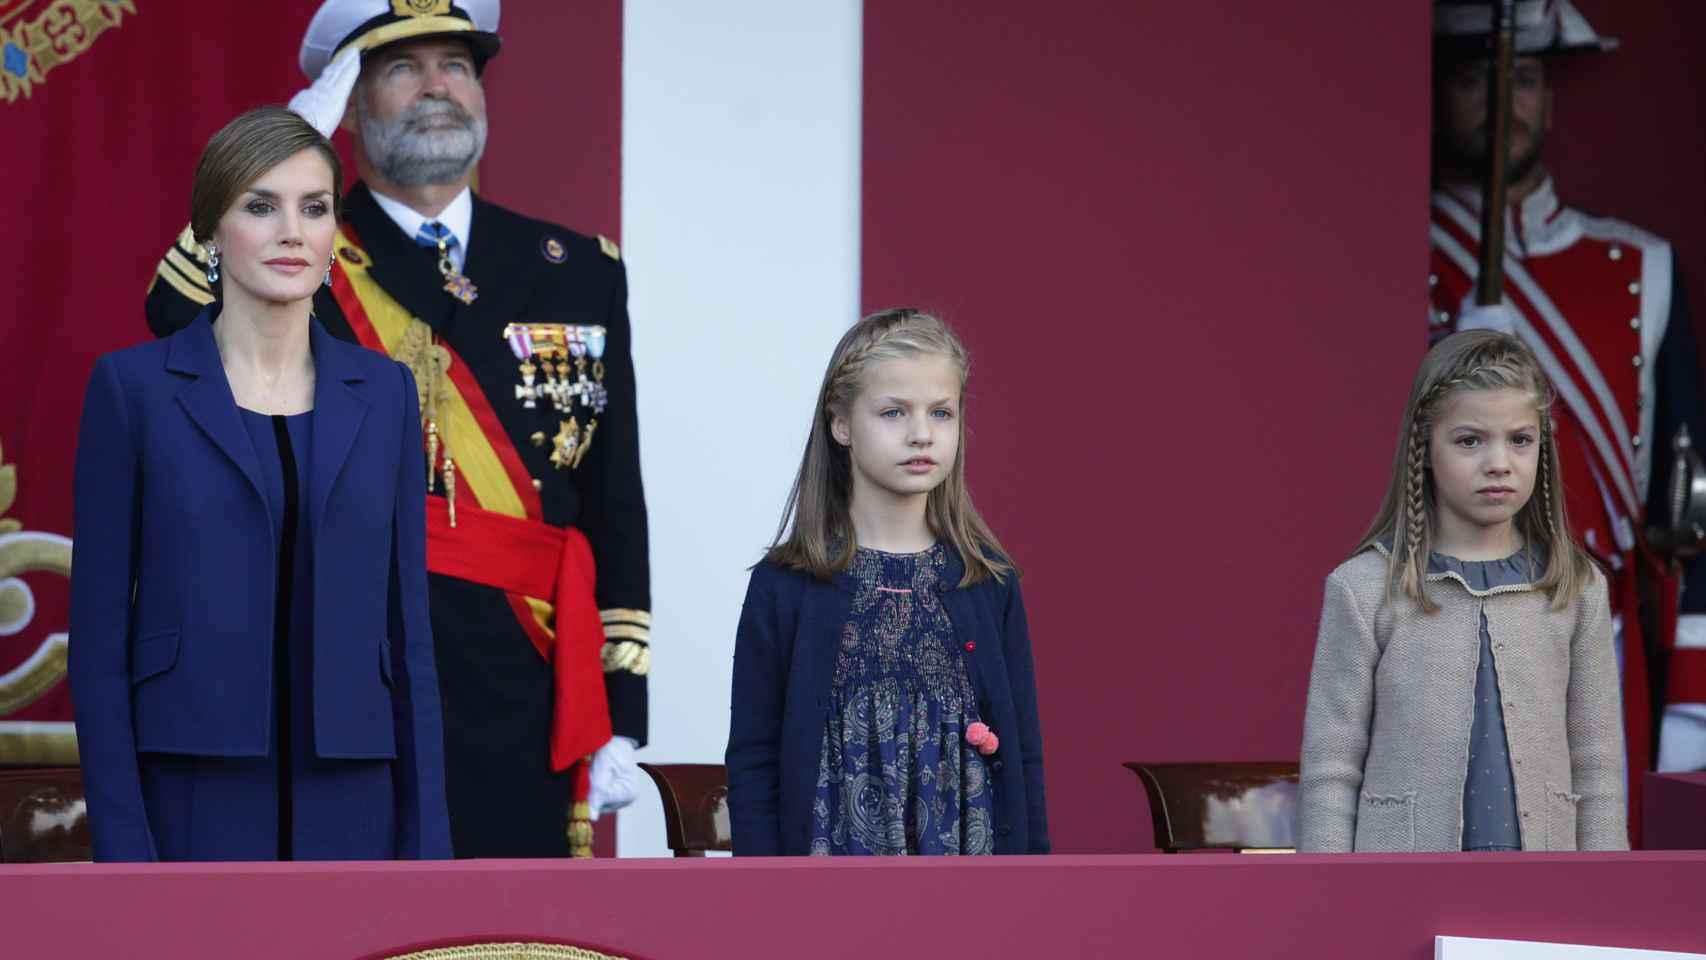 La Reina y las Infantas preparadas en el Día de la Hispanidad